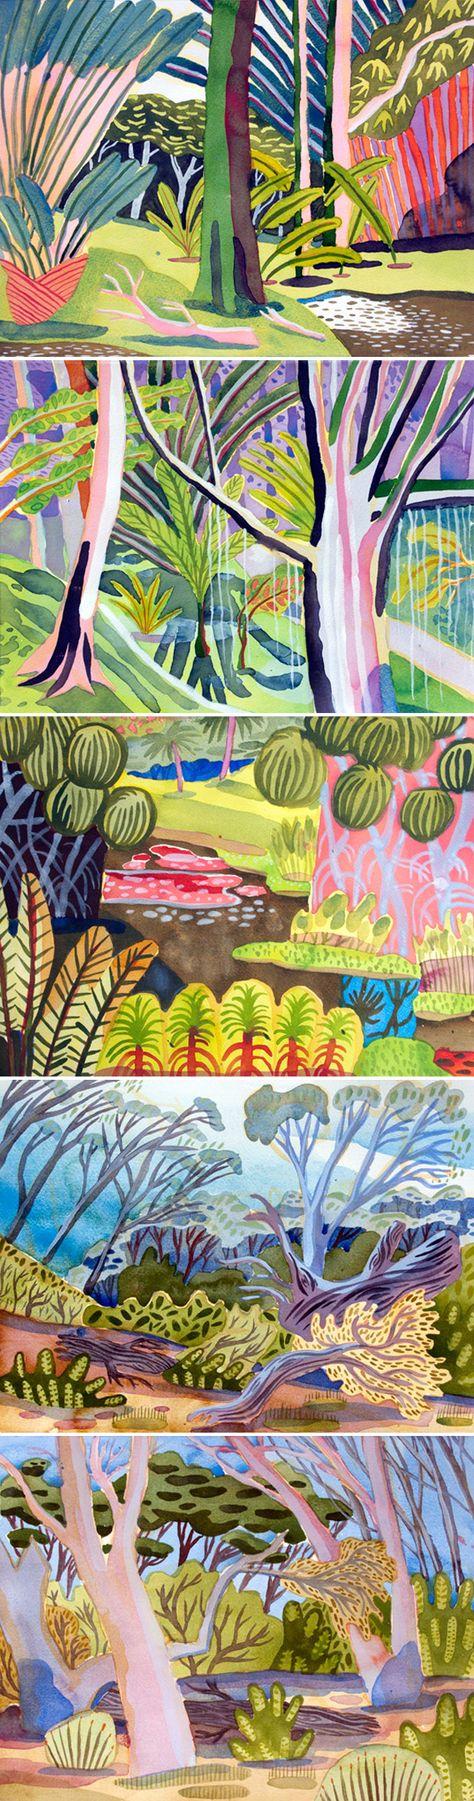 Felix murillo lleno de colores painting acrylic artwork fish art - Fragmento De Carreta Pintura En Acuarela Del Estilo Cartago Utilizado Para Decorar En Costa Rica Las Carretas De Bueyes Pinterest